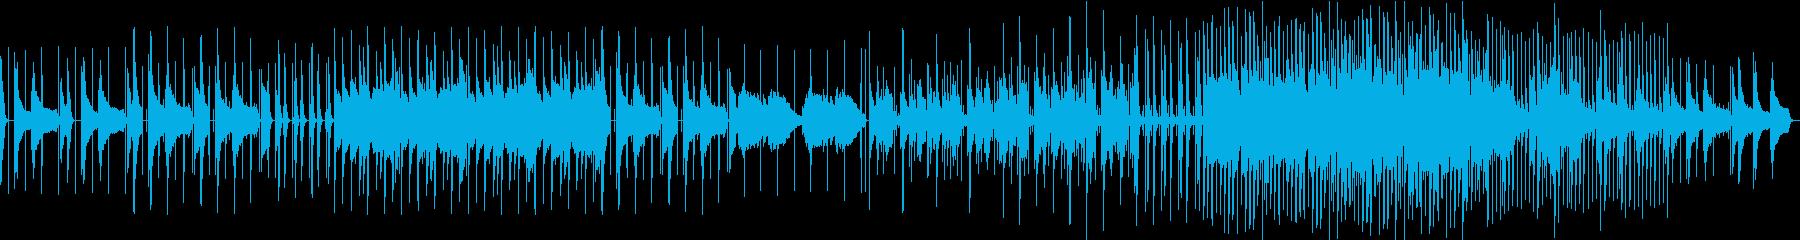 ローファイ系ピアノBGMの再生済みの波形